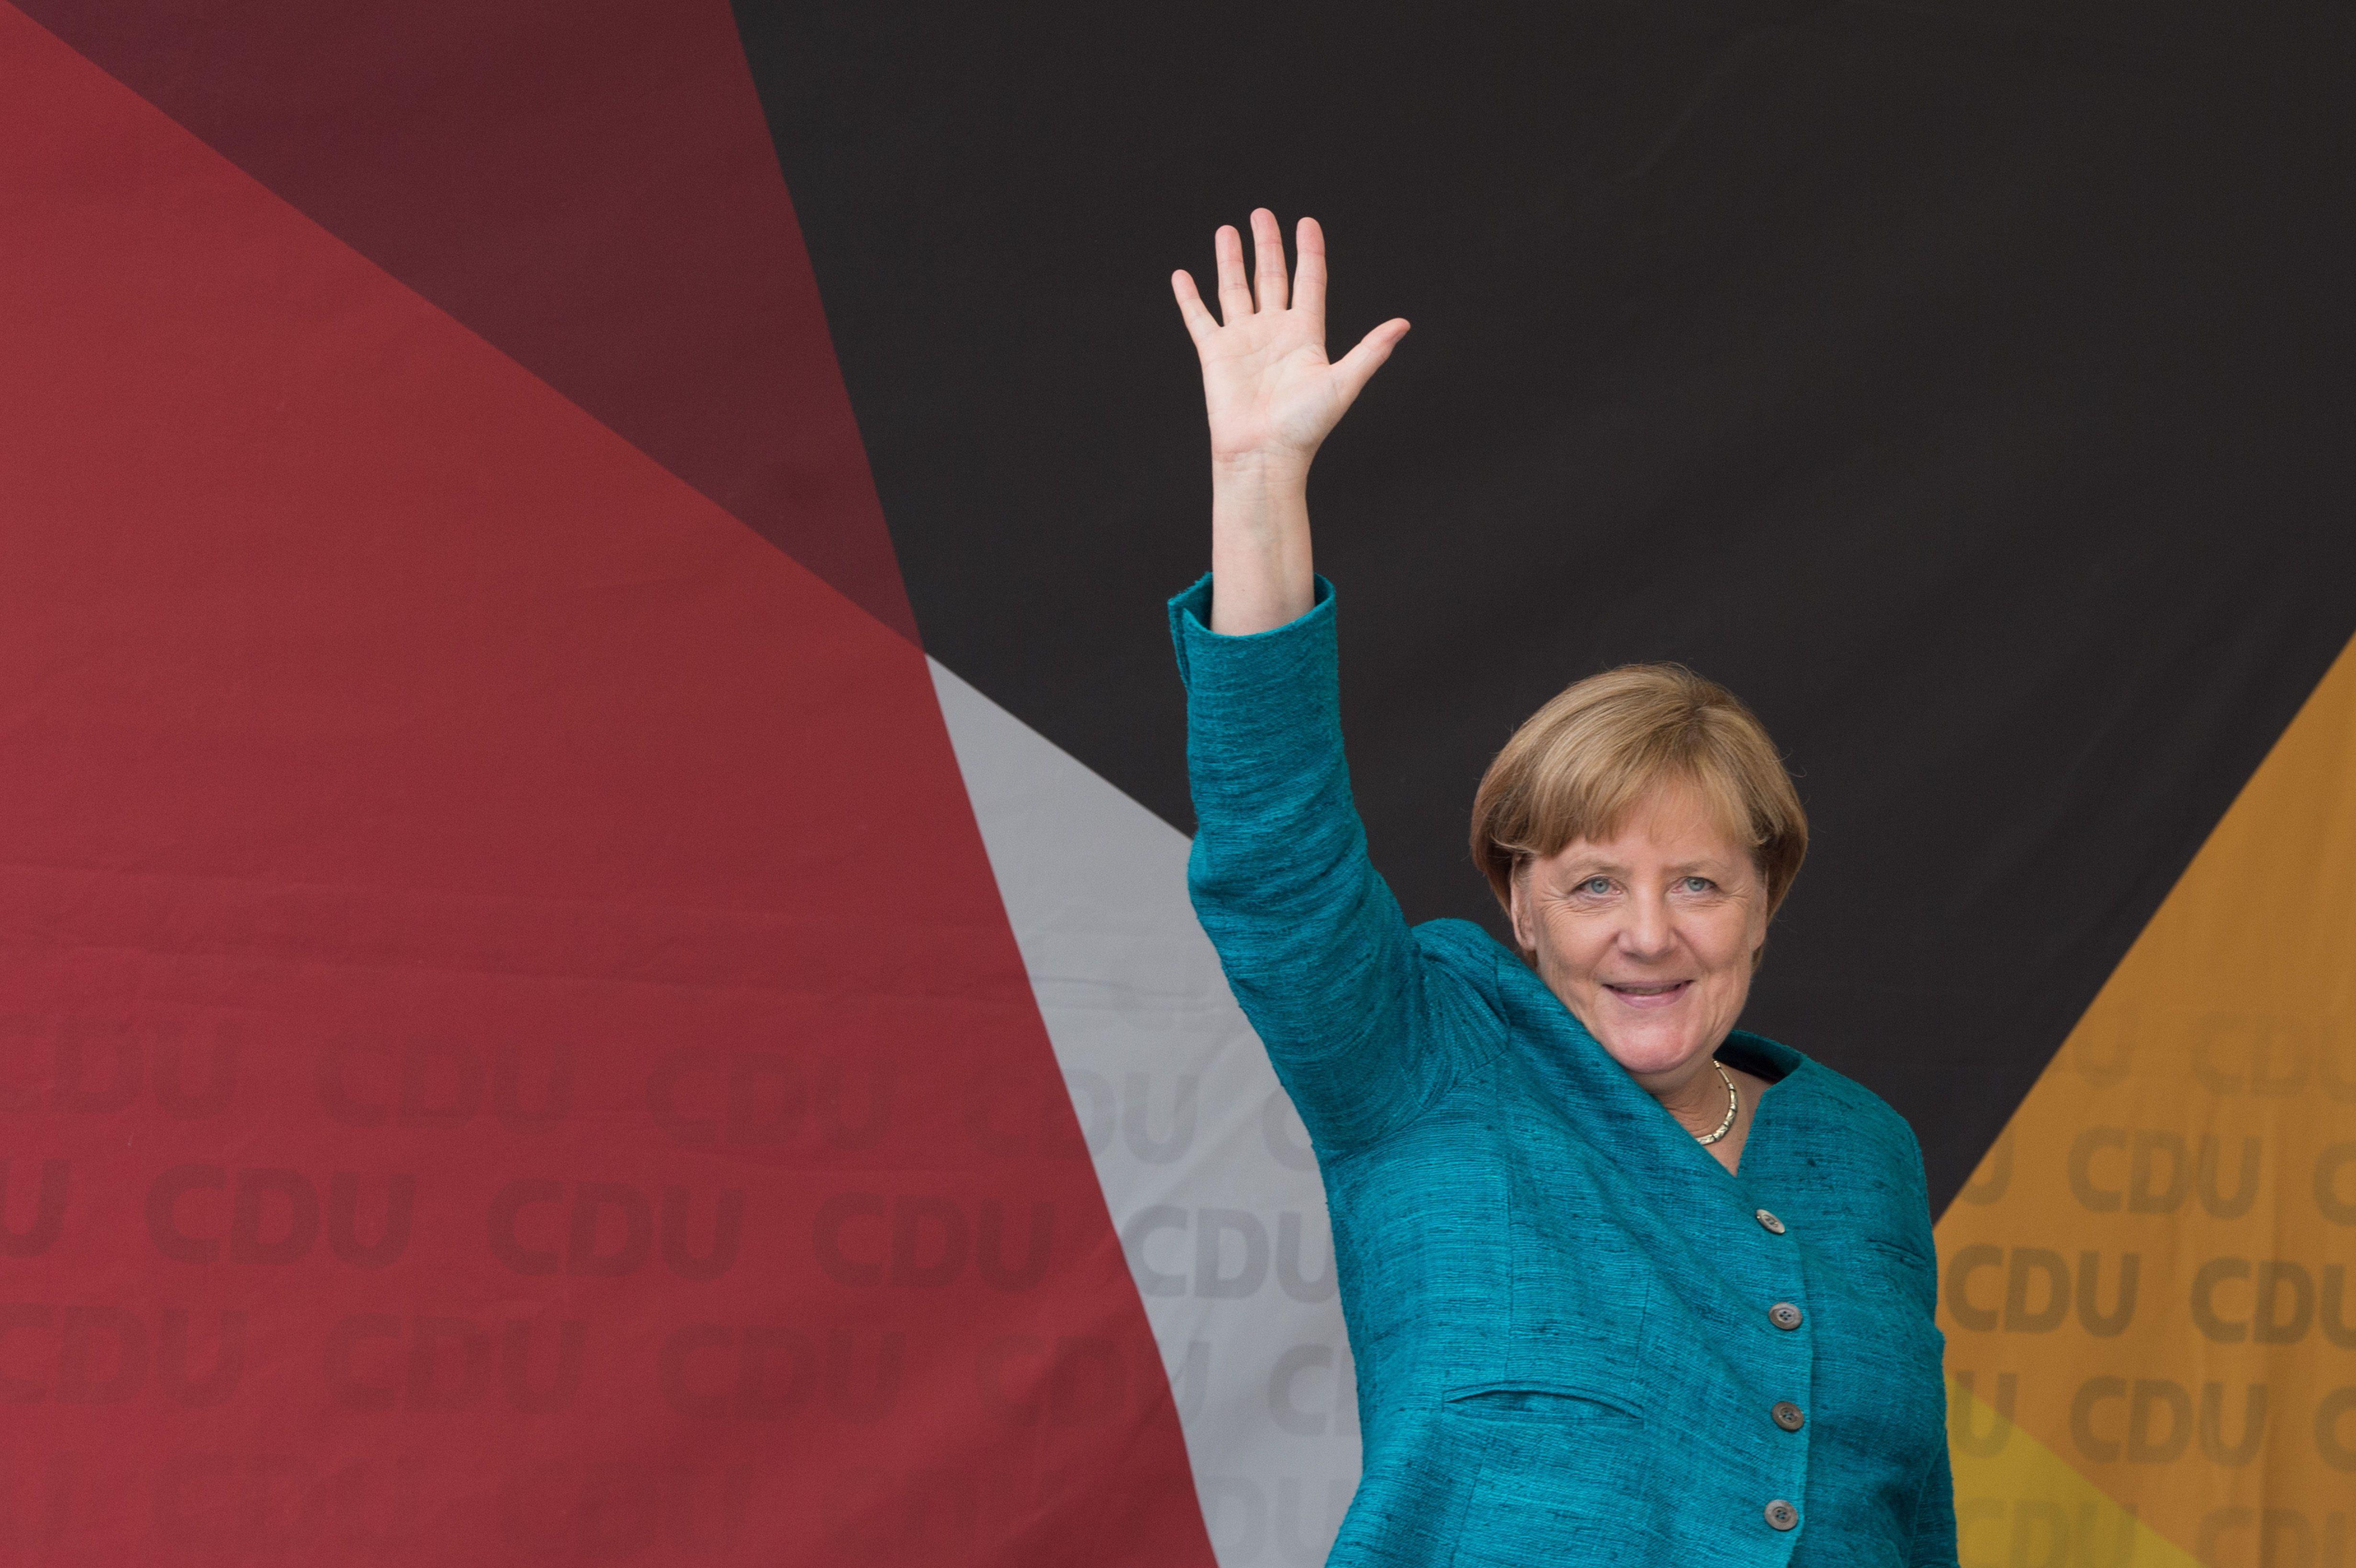 Az AfD és a Pegida tüntetett Merkel választási gyűlésein